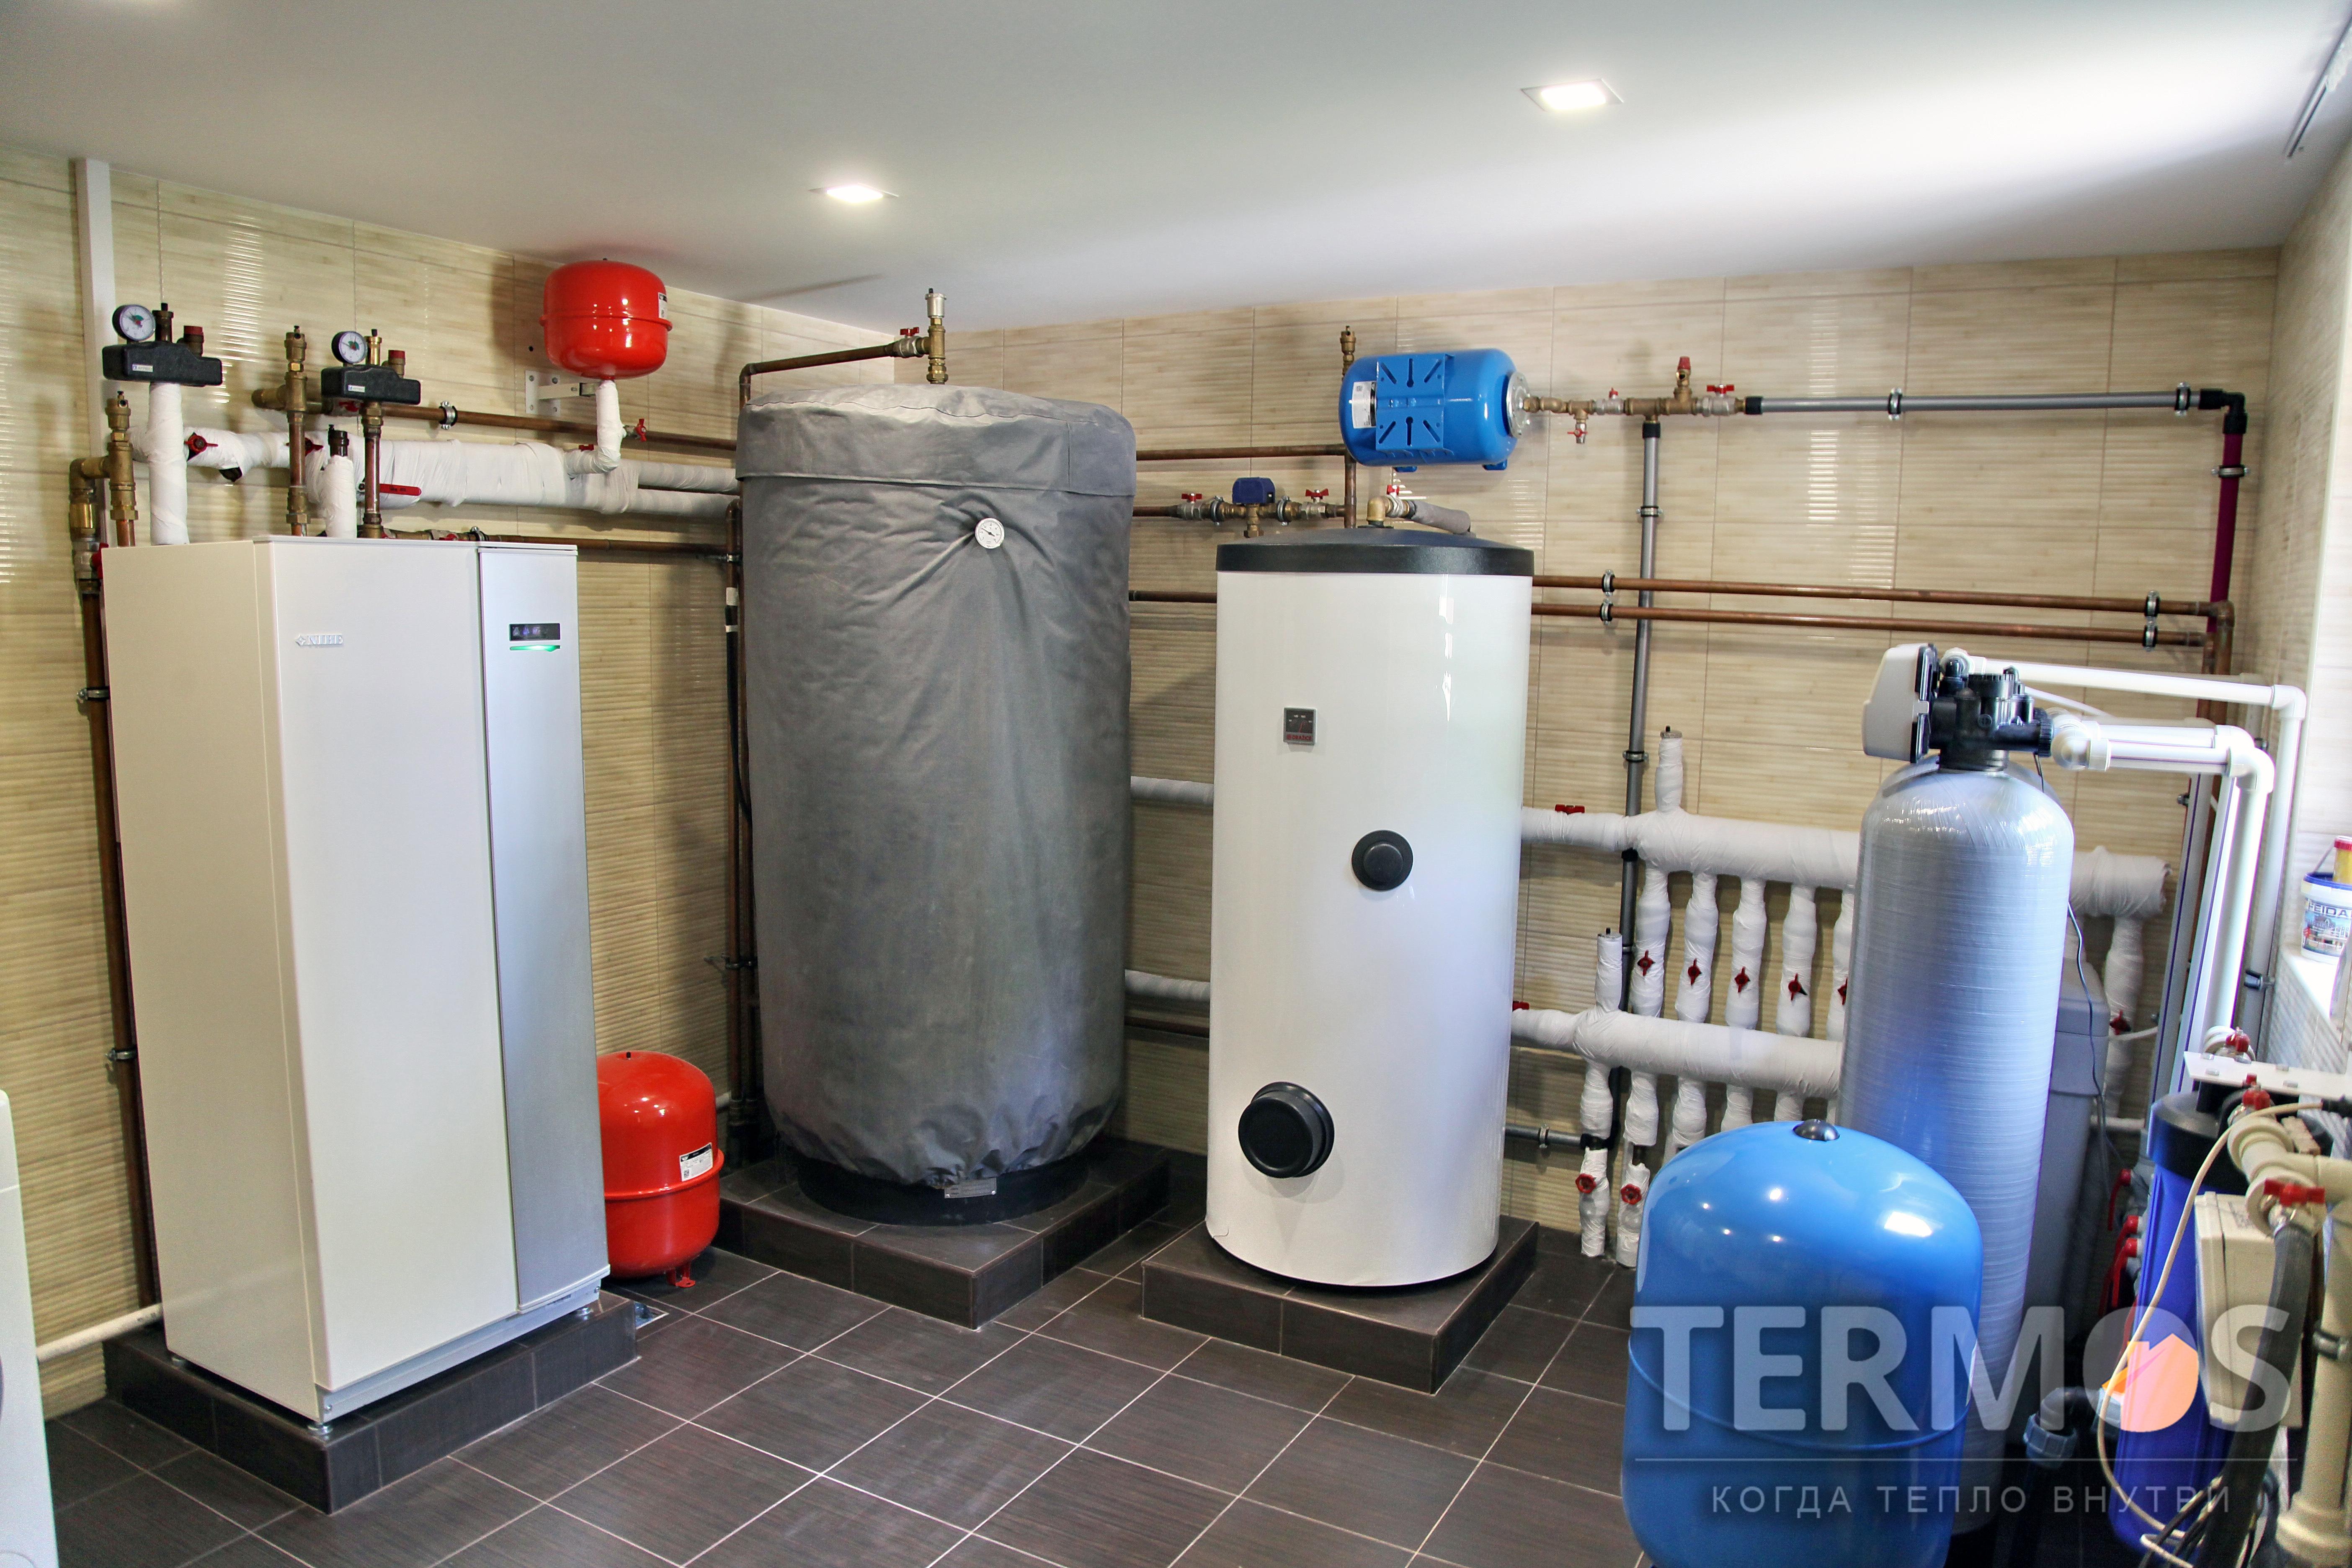 Дом 260 кв м. Тепловой насос NIBE (Швеция) 12 кВт, с пятью геотермальными скважинами по 55 м